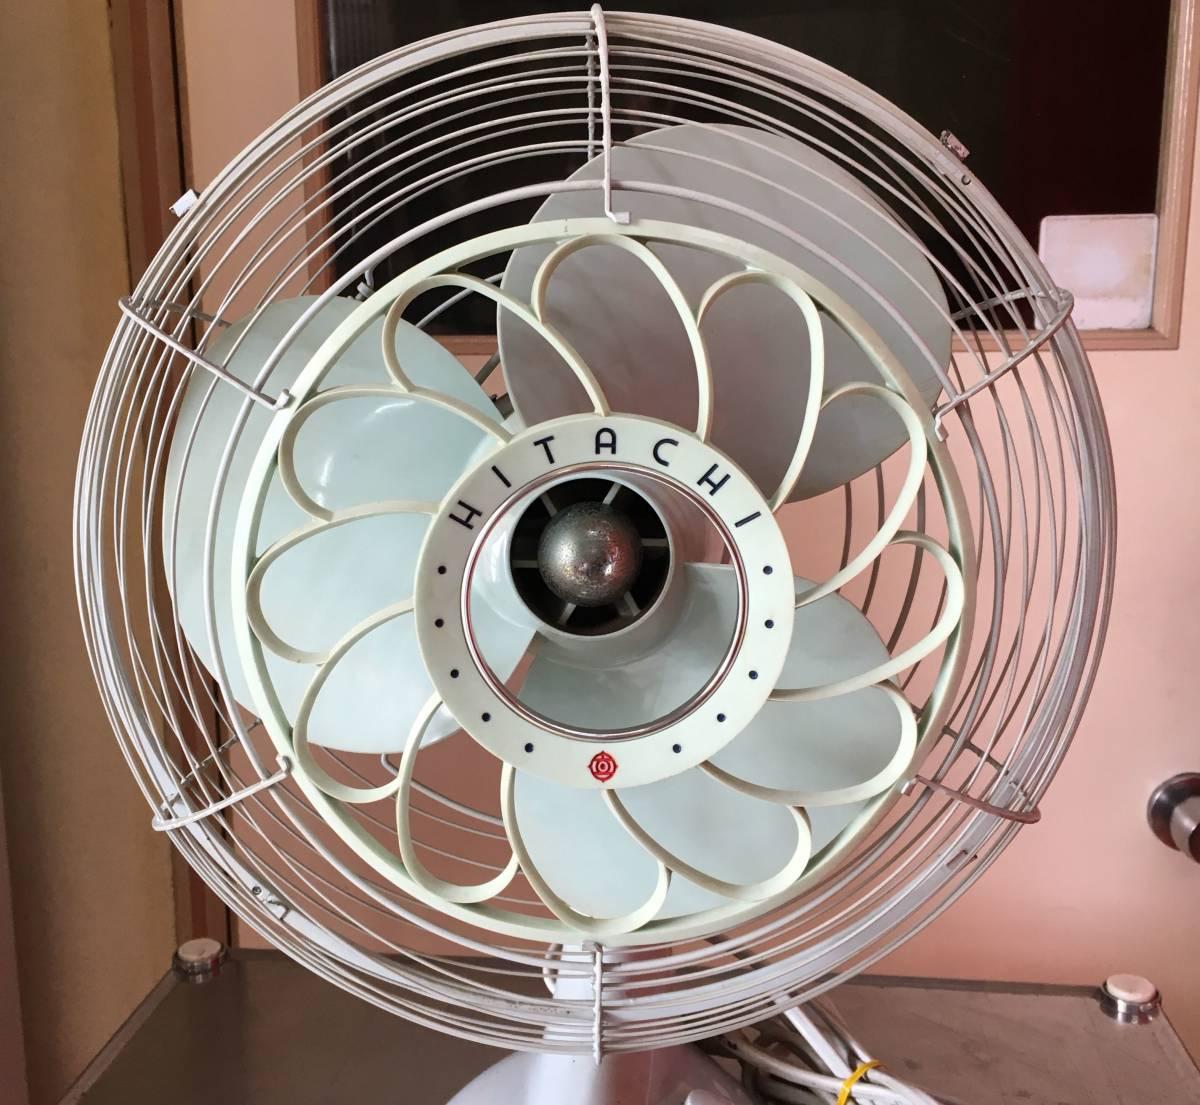 HITACHI 日立 扇風機 M-6036B アンティーク レトロ 動作品!!_画像2